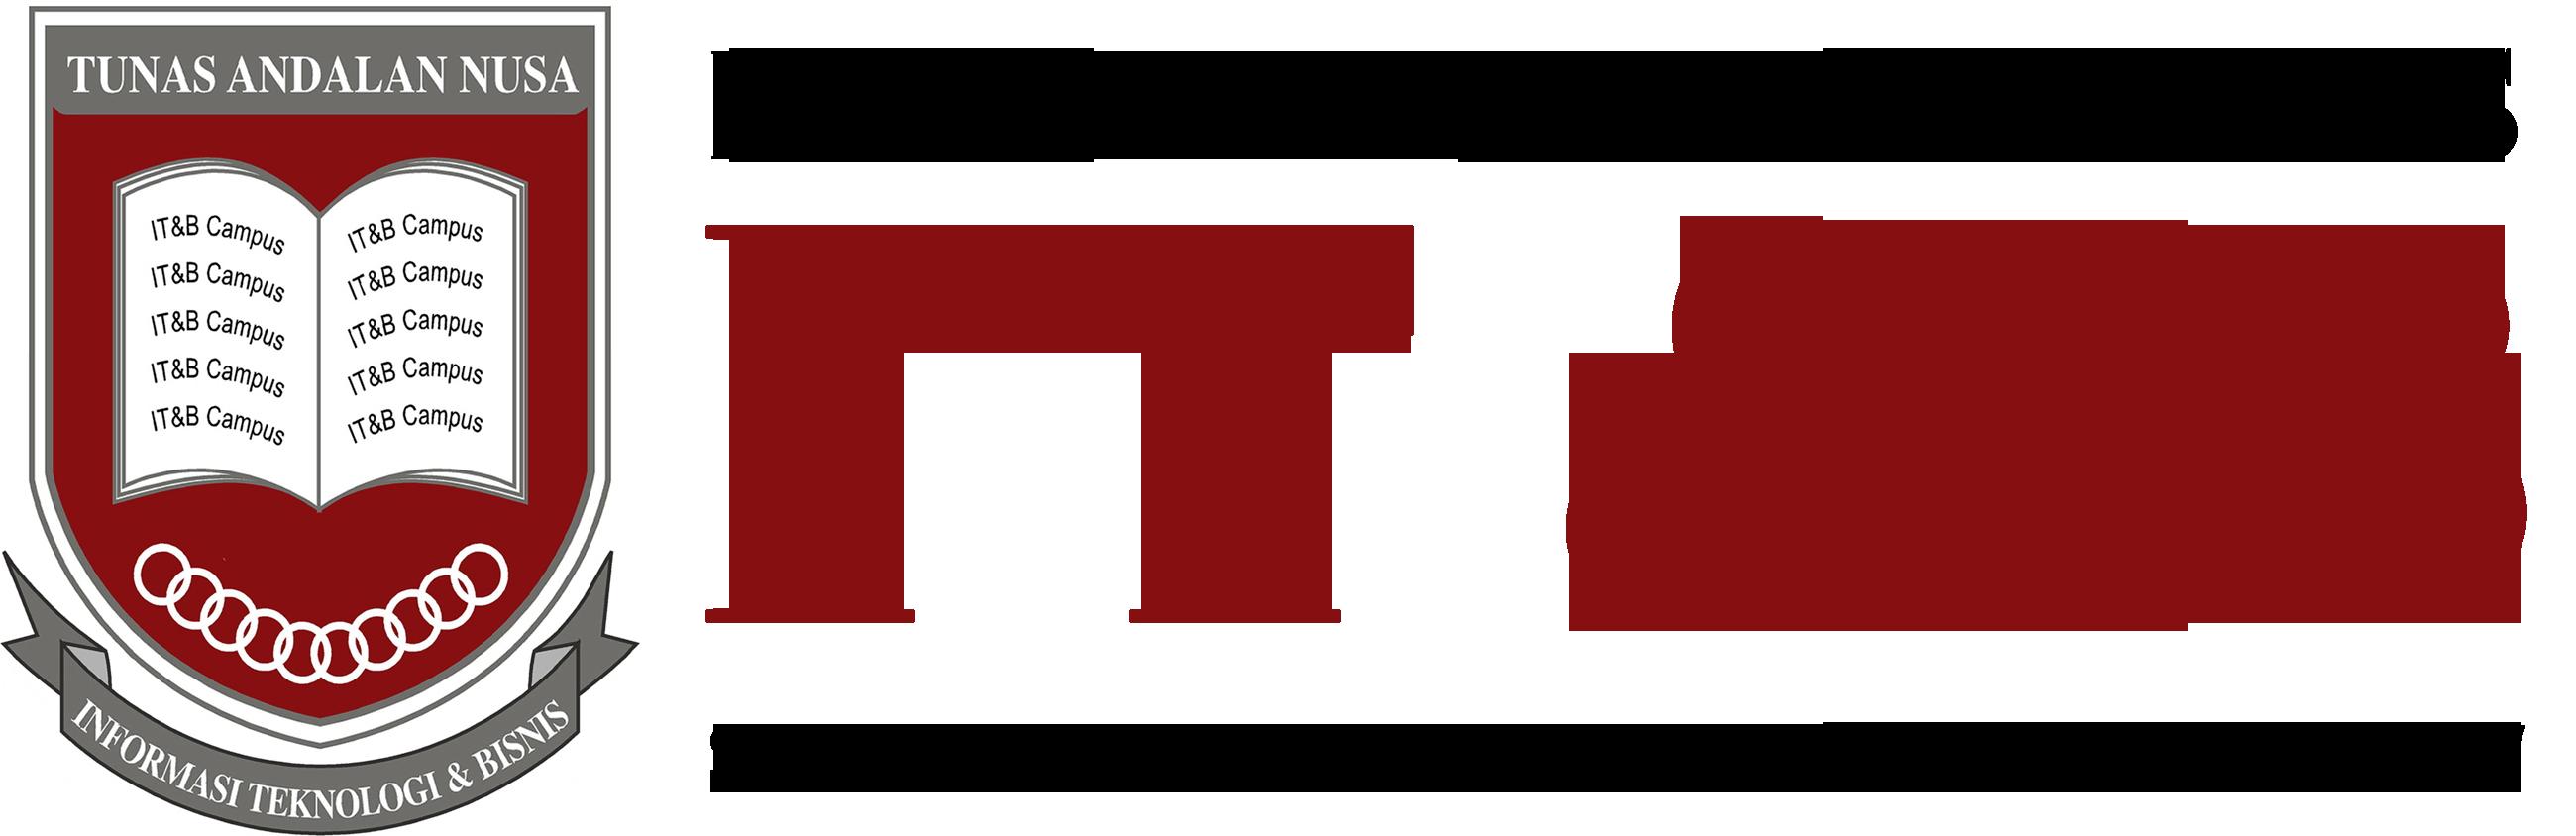 IB IT&B